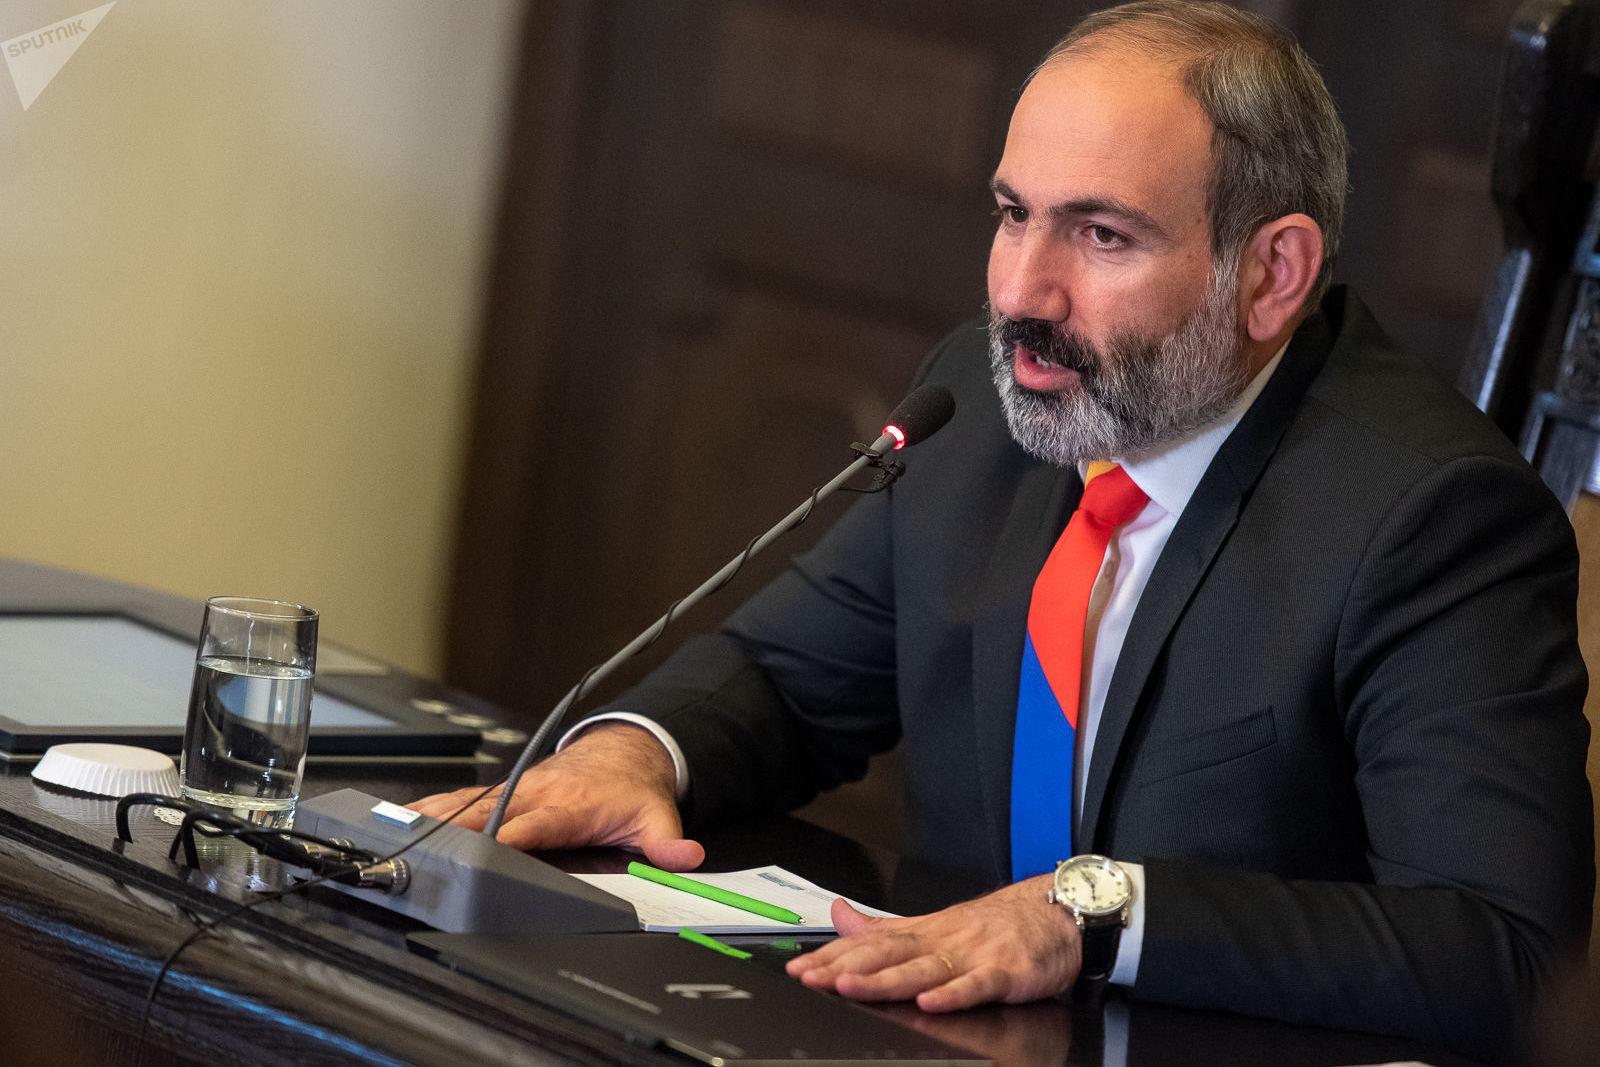 Но Пашинян почему-то тянул: Опрос показал истинное отношение армян к России